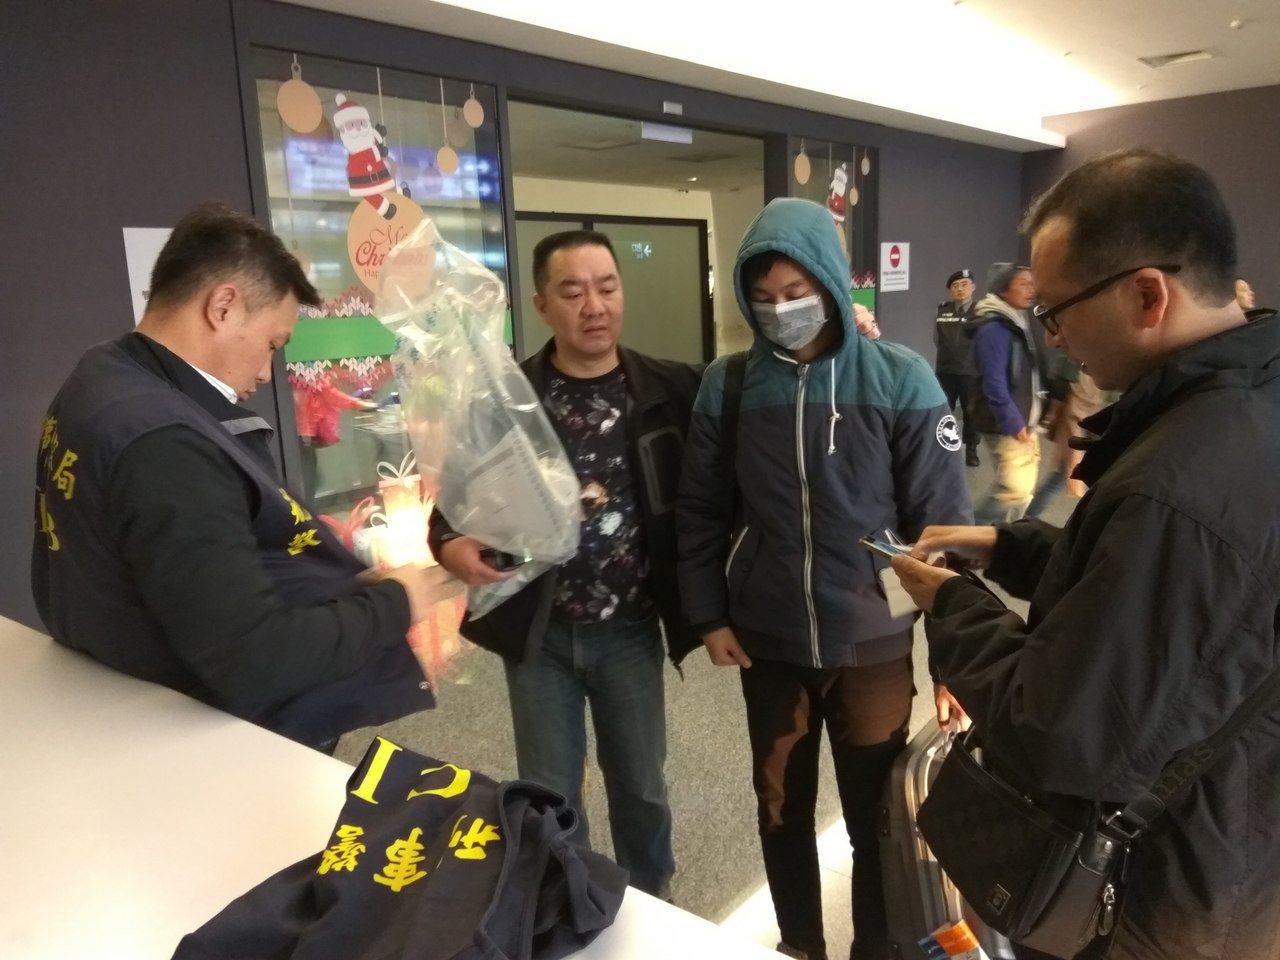 王姓男子從馬來西亞走私毒品至台灣,他搭機至馬國取貨,把1公斤K他命以咖啡包掩護,...